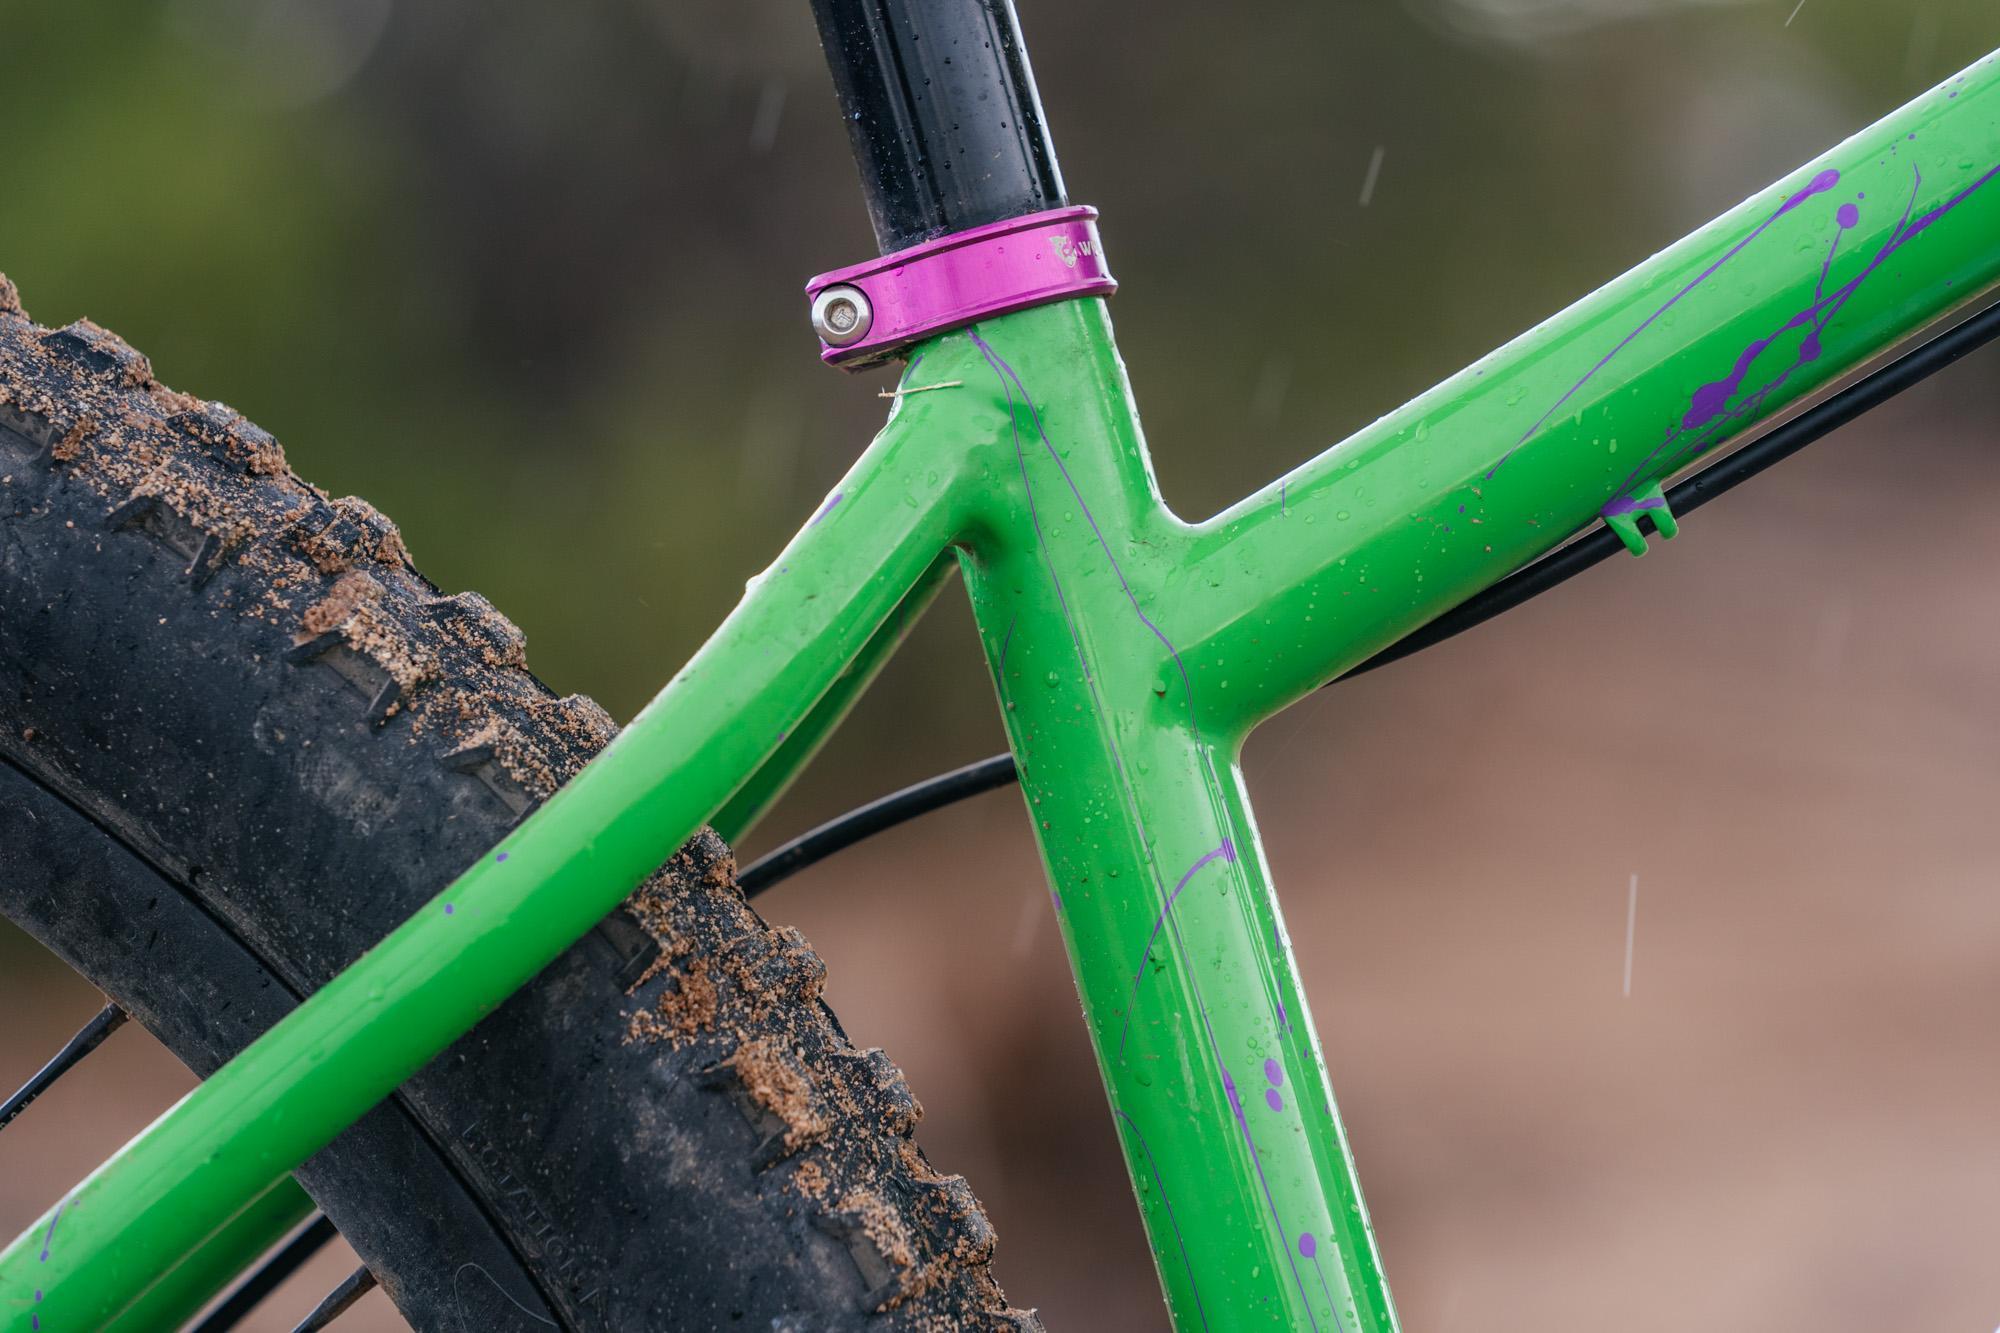 Dillen From Baphomet Bicycles' Singlespeed 29er